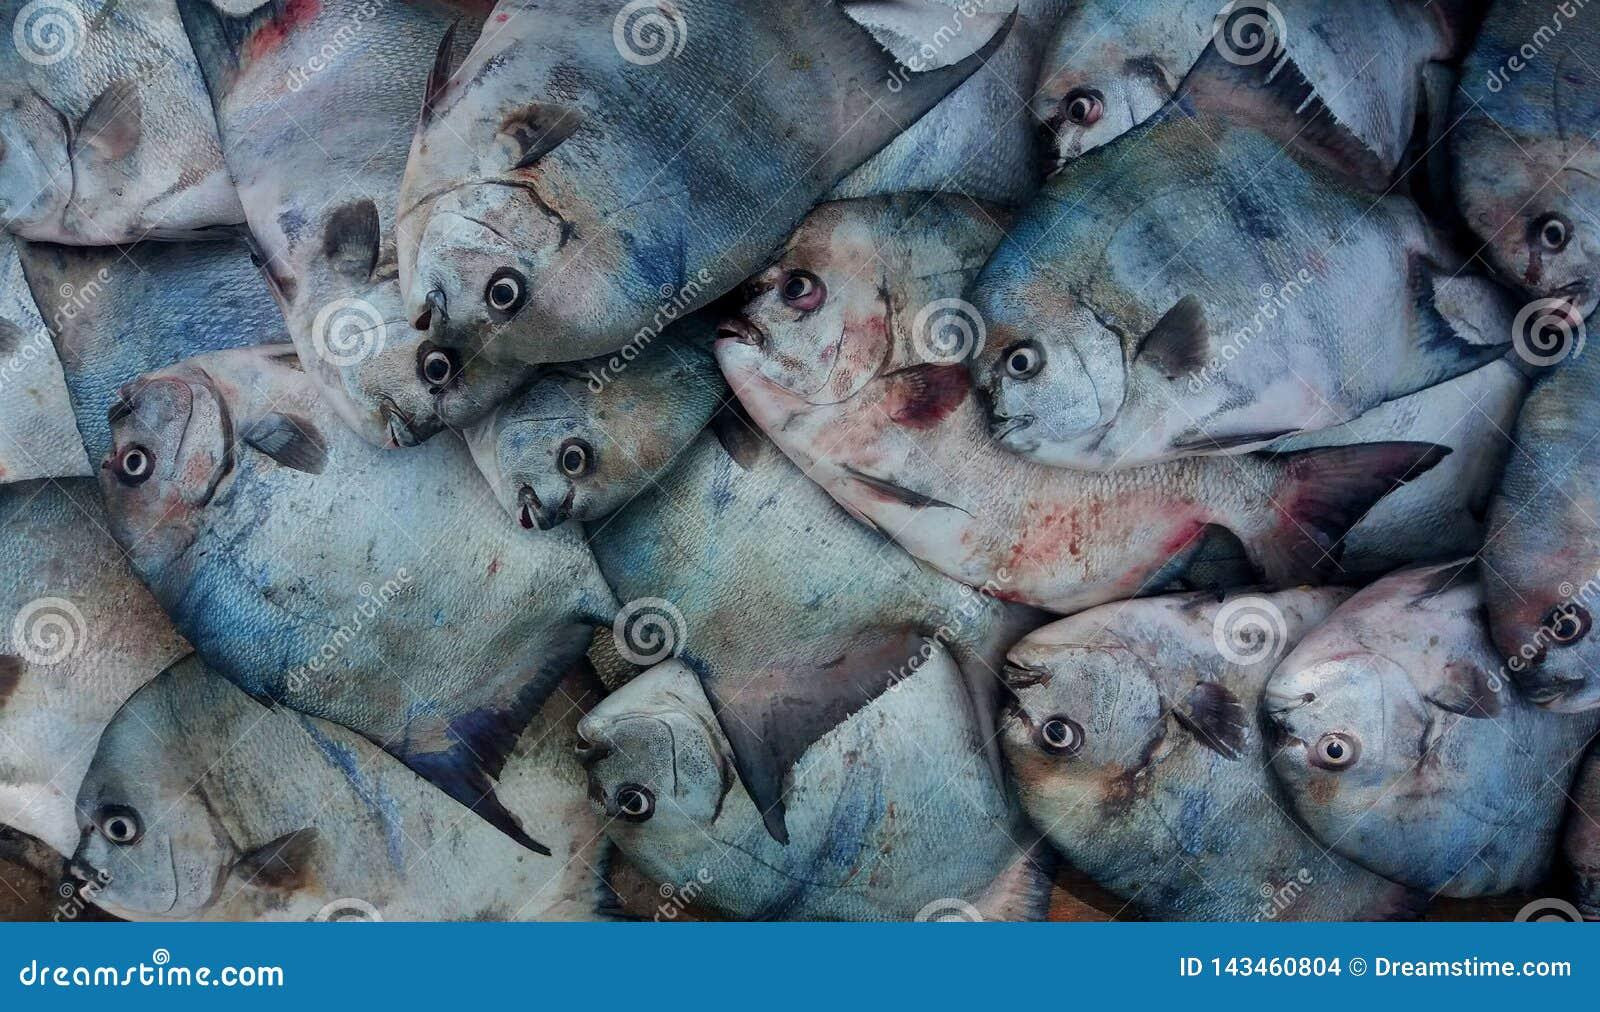 Fischerei im Atlantik